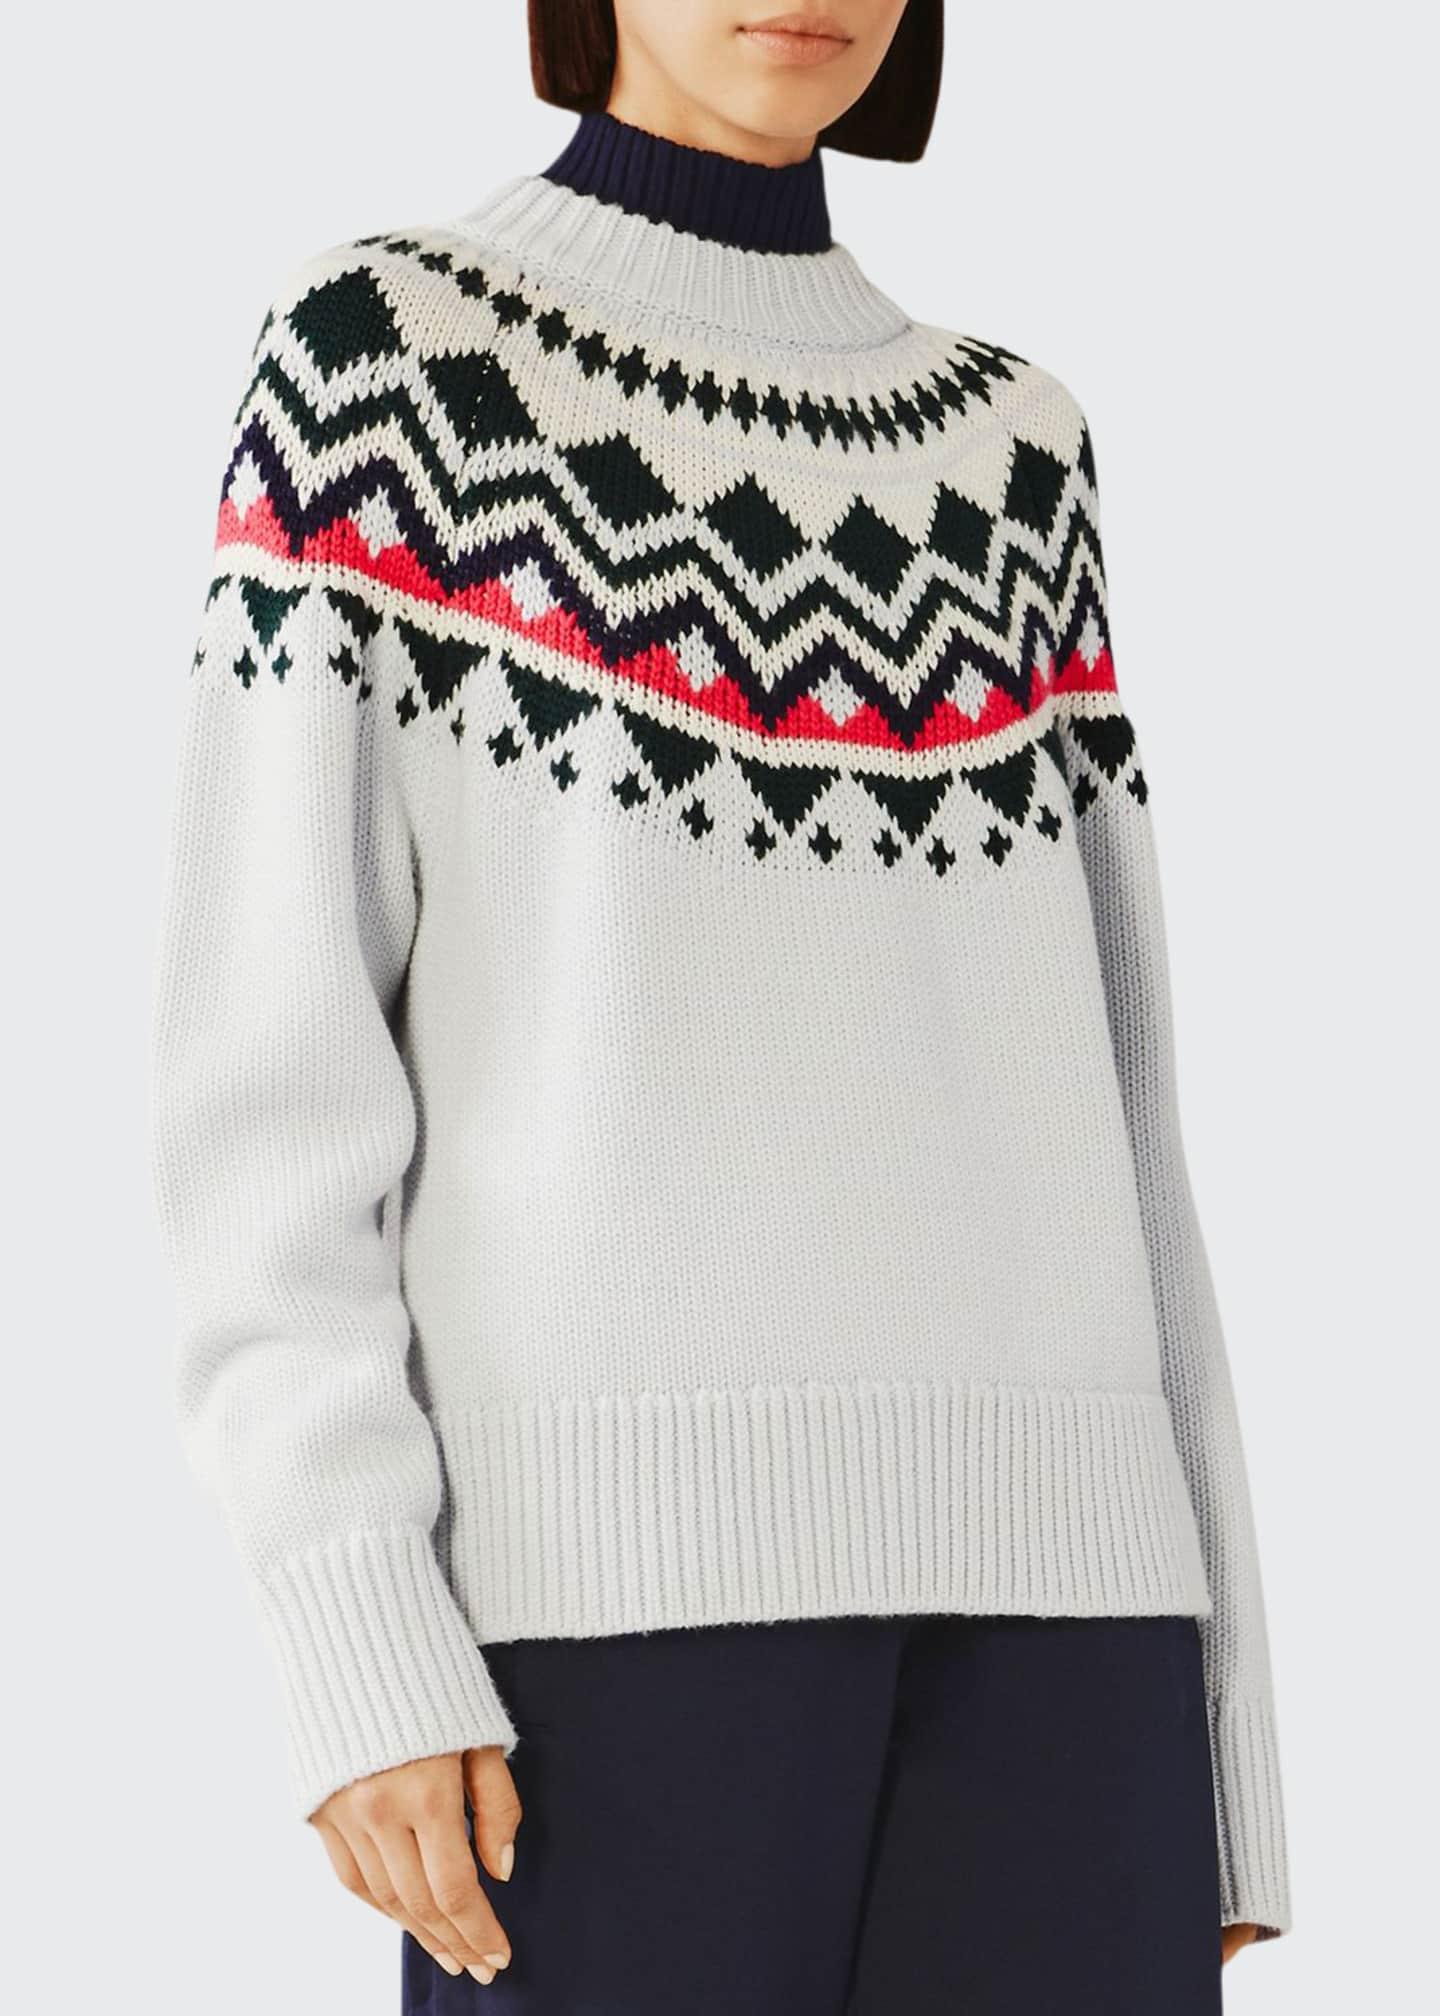 Tory Sport Engineered Fair Isle Merino Sweater